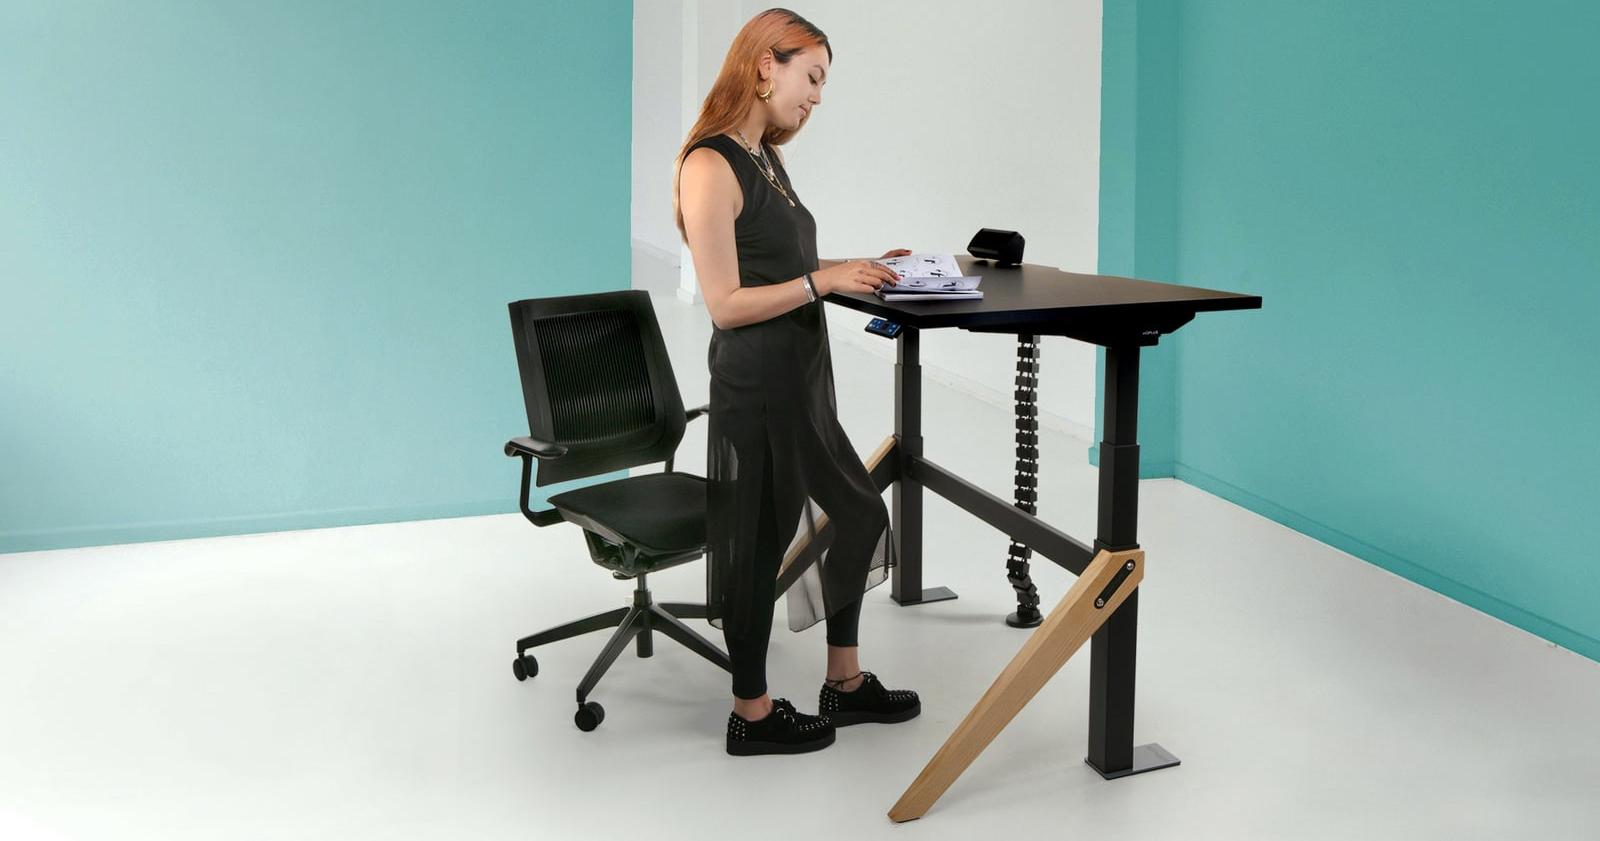 koplus-kin-sit-stand-desk-black-and-pine-in-situ-web.jpg